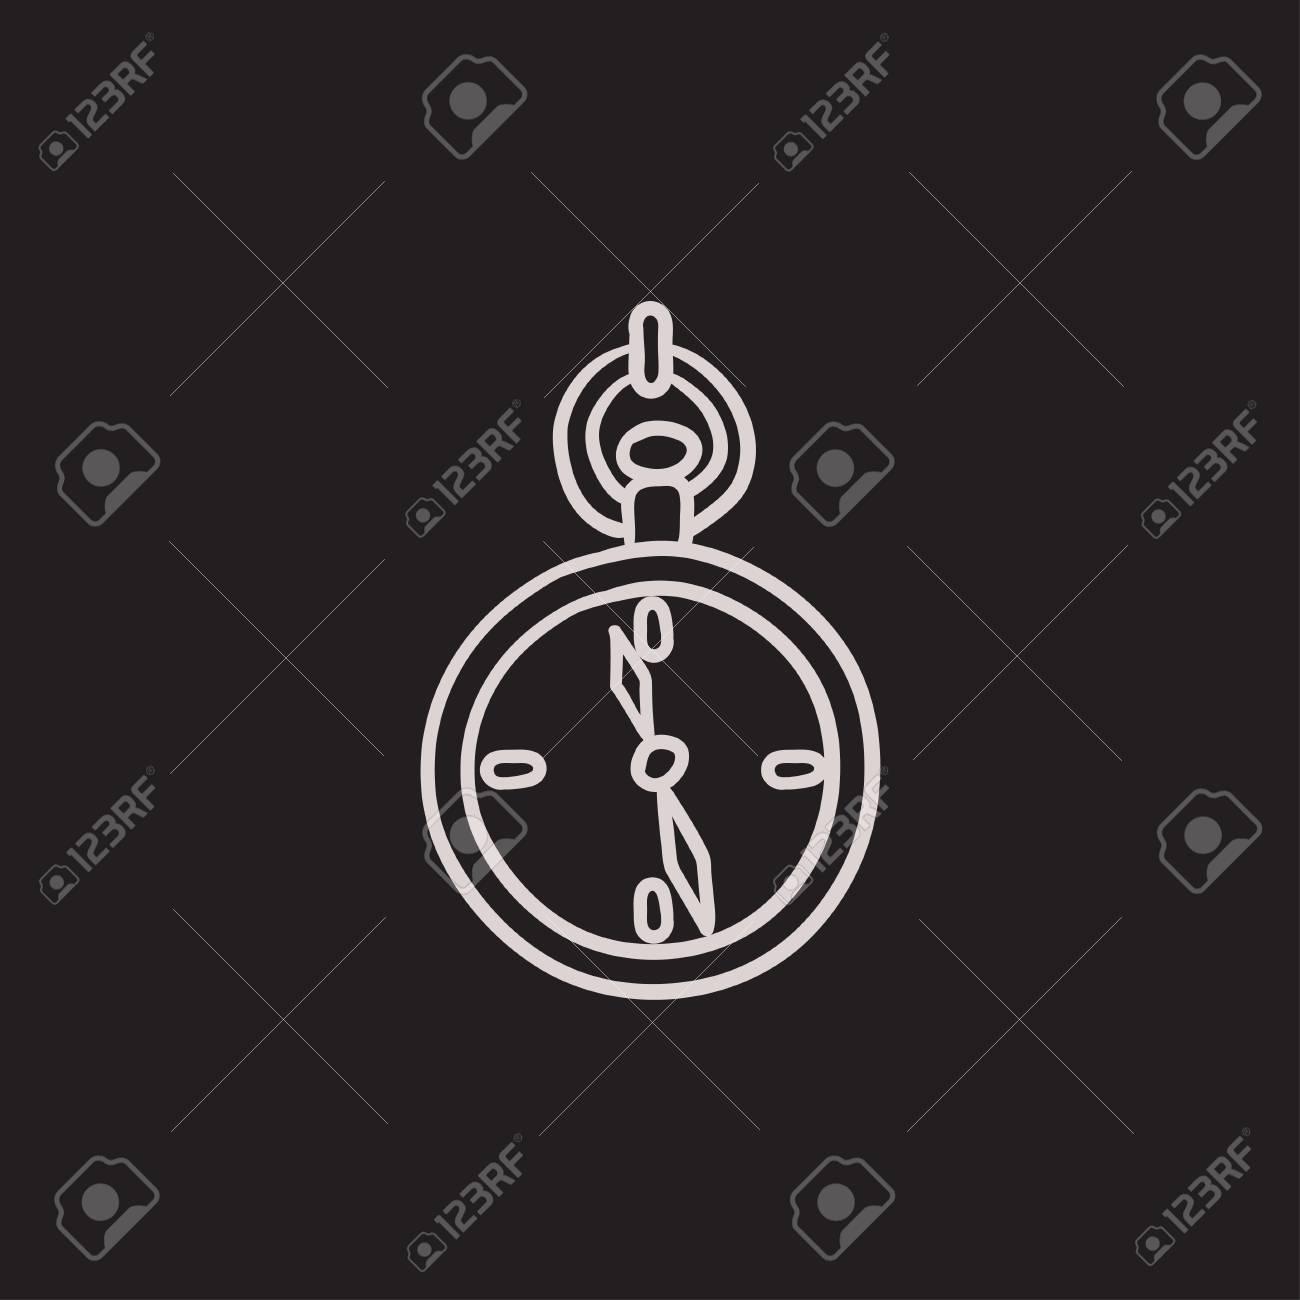 Dibujo Icono De Reloj De Bolsillo Para Web Móvil Y La Infografía Dibujado A Mano Icono De Reloj De Bolsillo Reloj De Bolsillo Del Icono Del Vector Icono De Reloj De Bolsillo